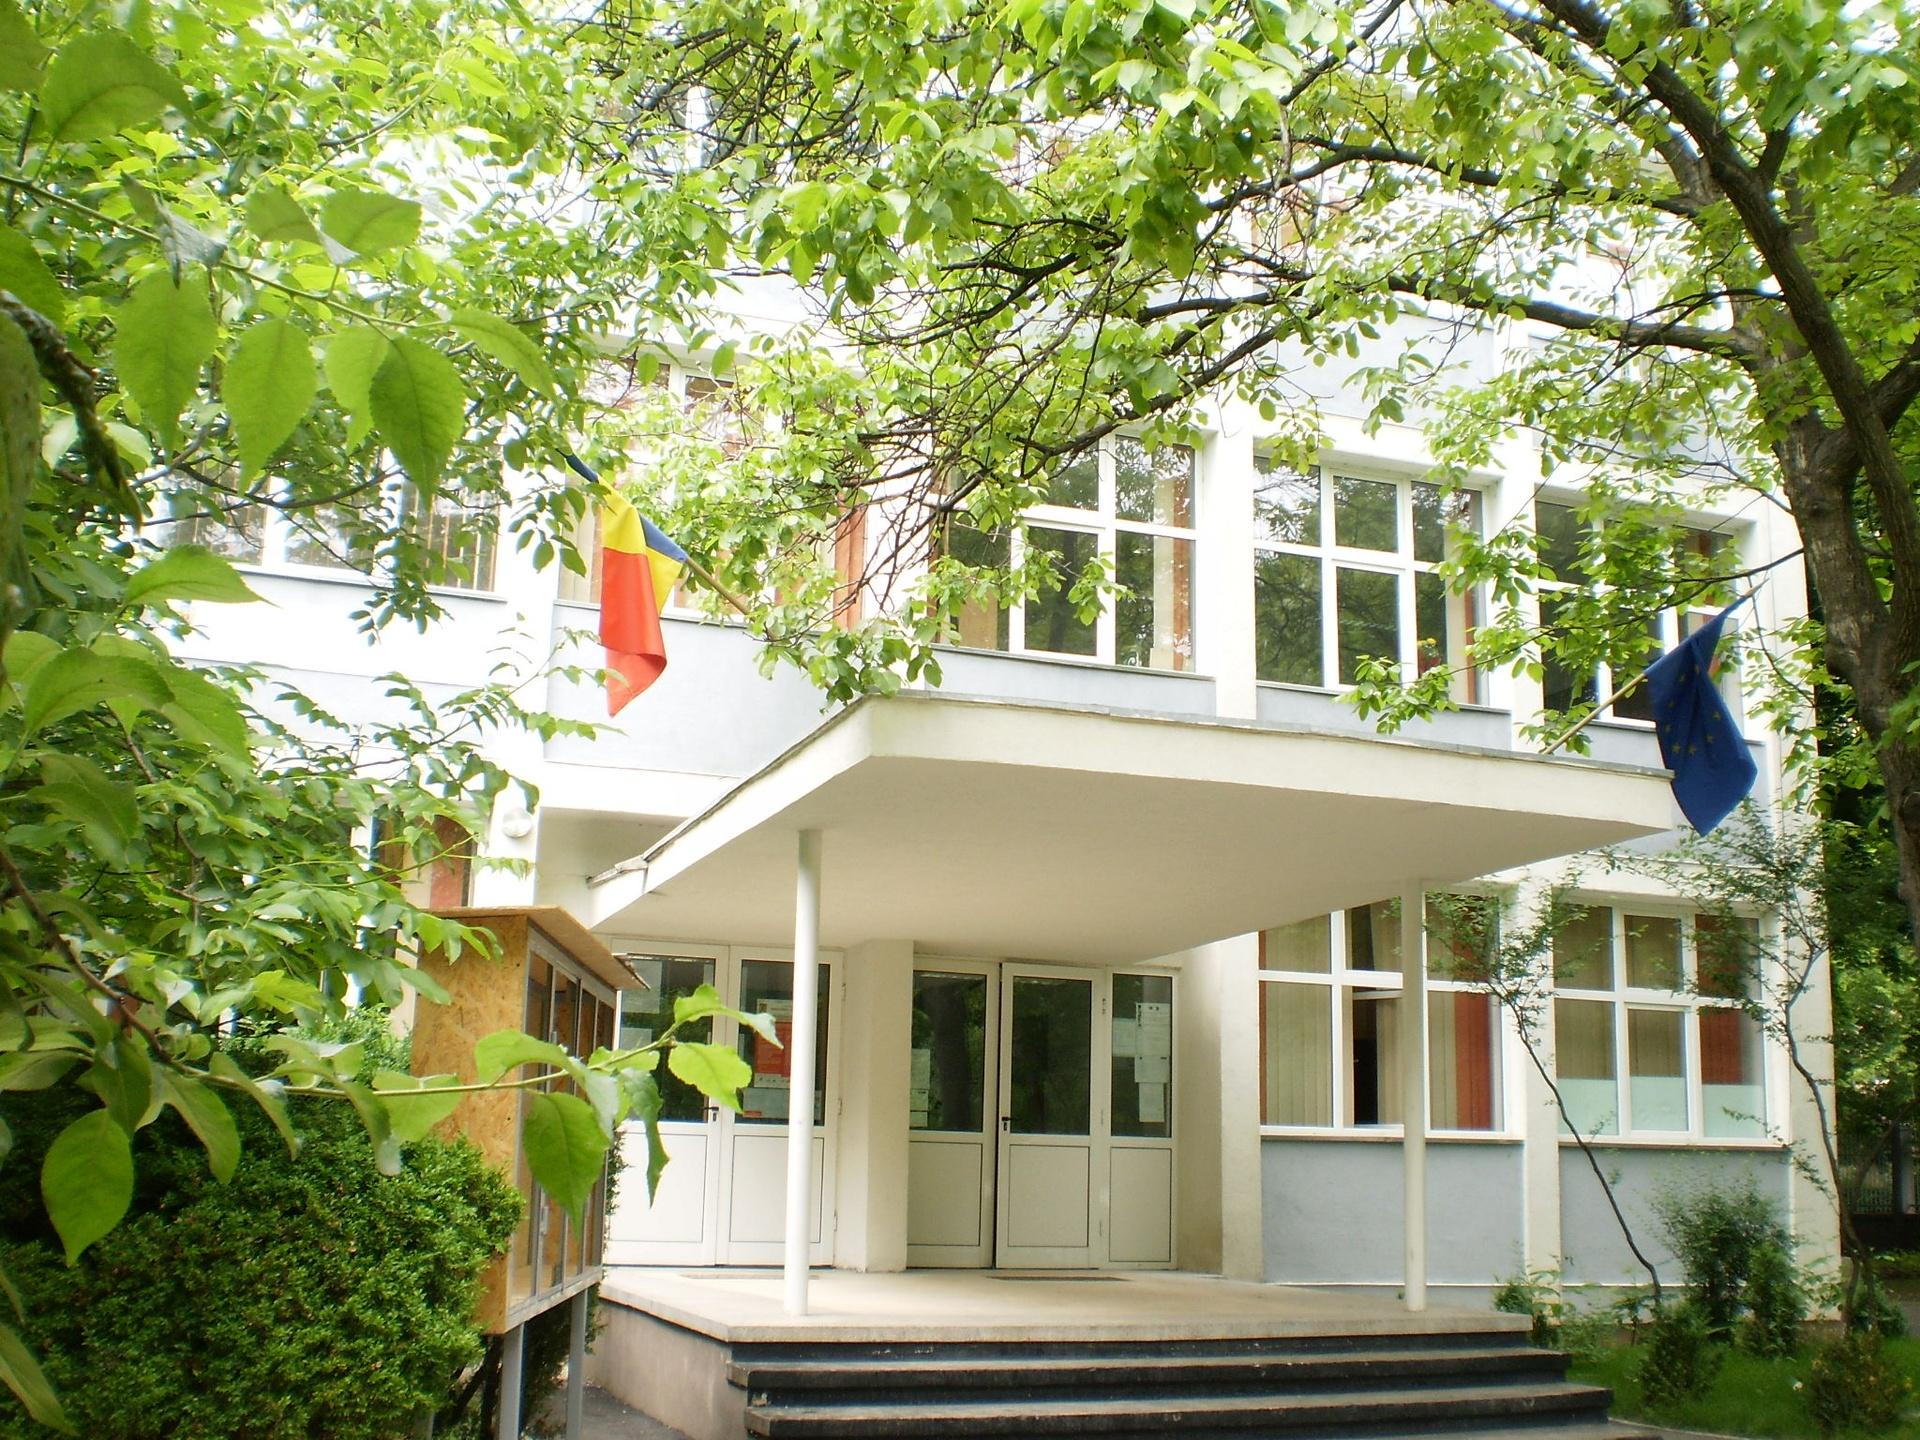 Liceul Antim Ivireanu, Strada Poiana Muntelui nr. 1, Sector 6, Bucuresti, Drumul Taberei